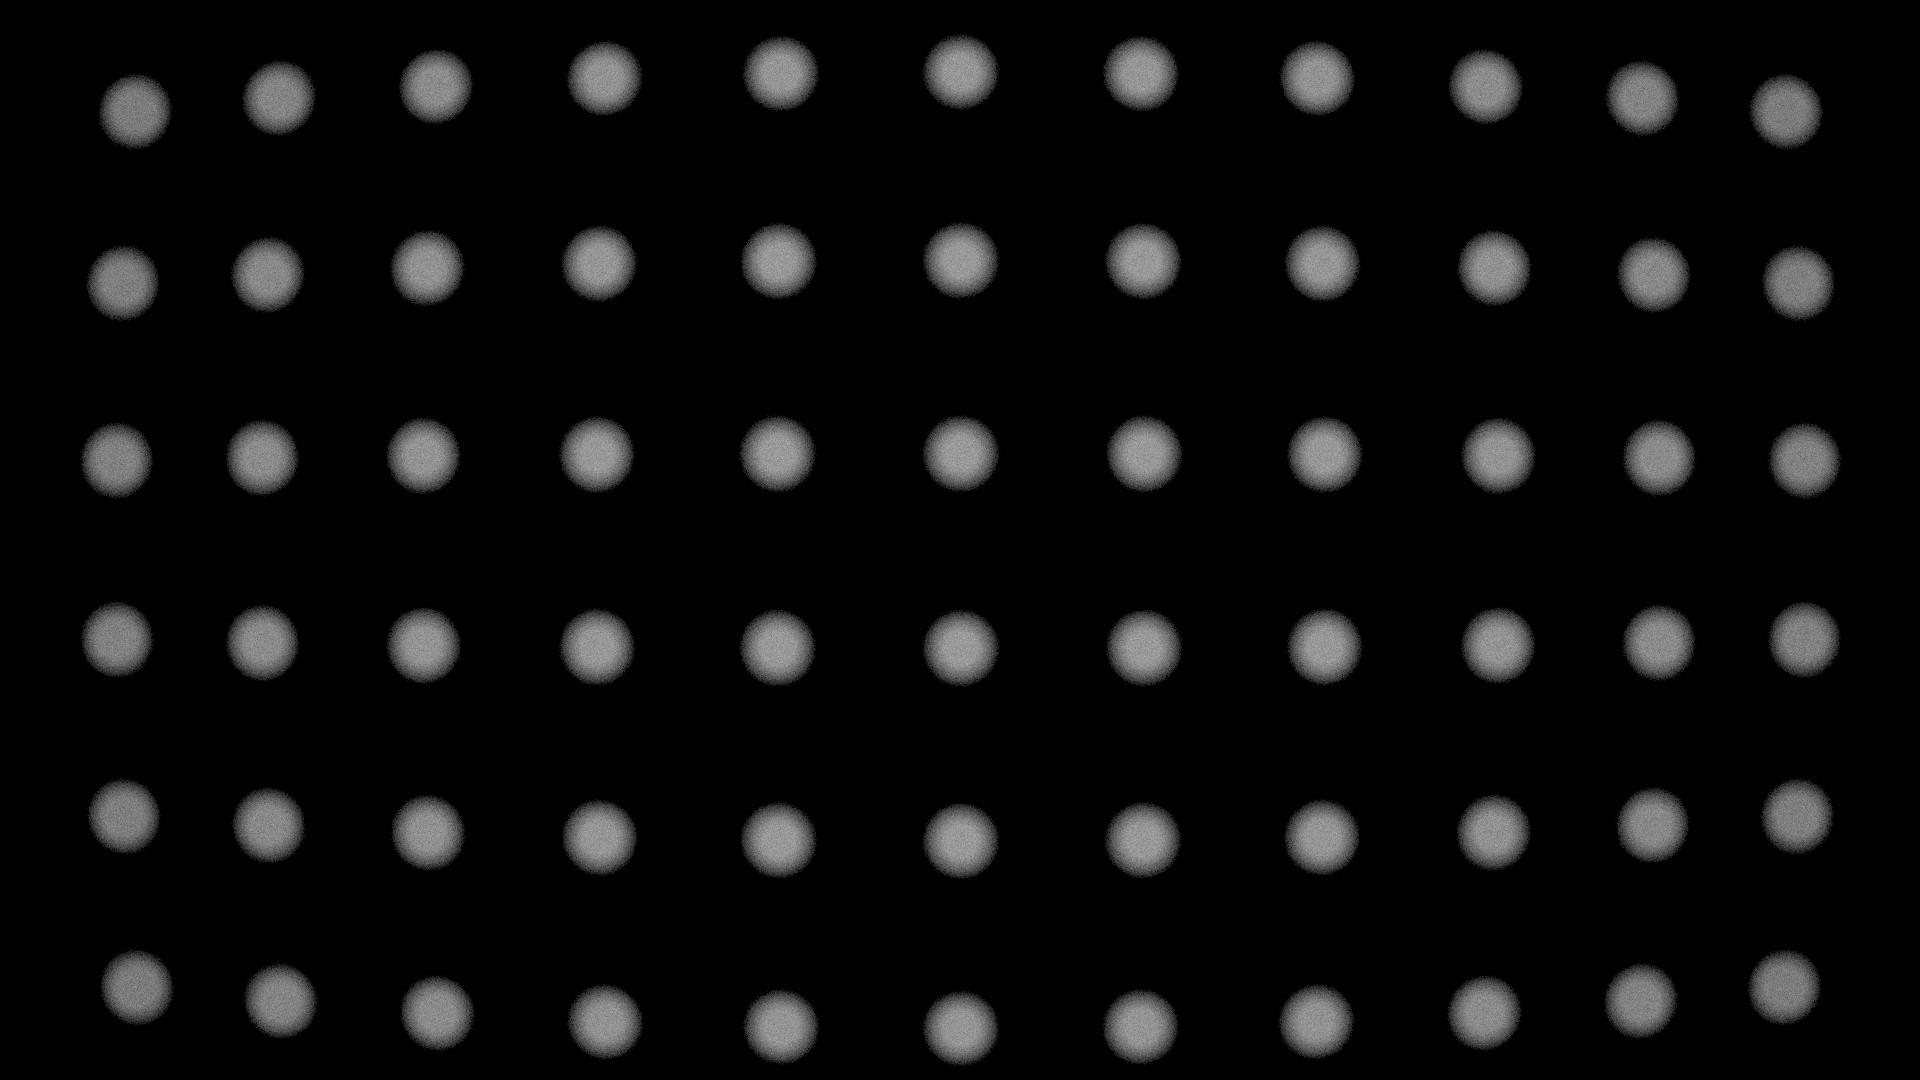 Cat's Eye / Petzval bokeh effect - Lighting and Rendering - Blender